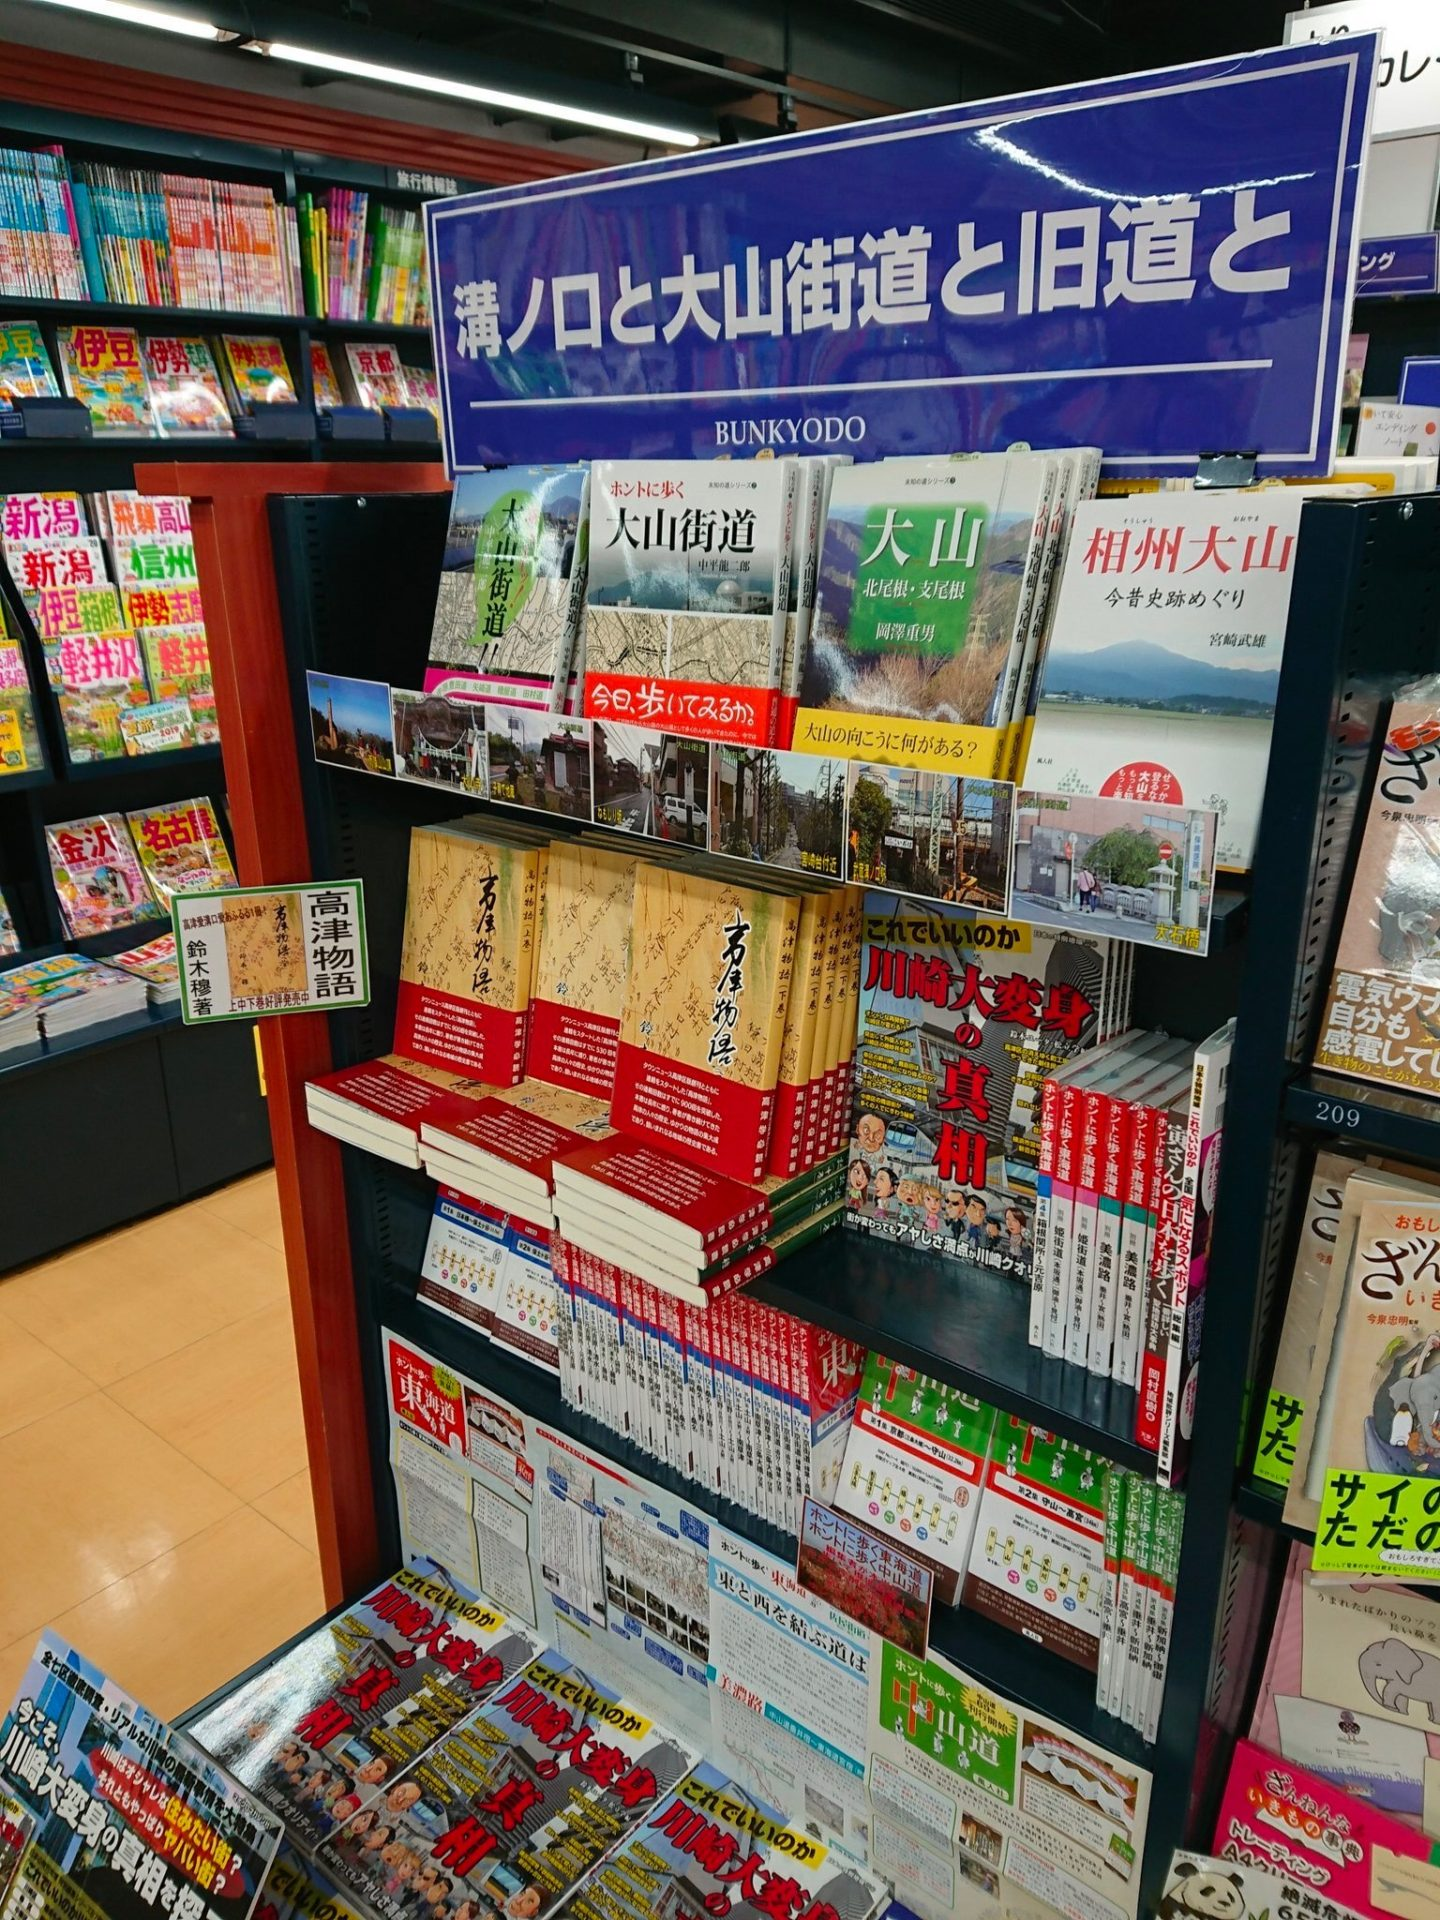 文教堂溝ノ口本店、大大展示の様子、写真を送っていただきました!